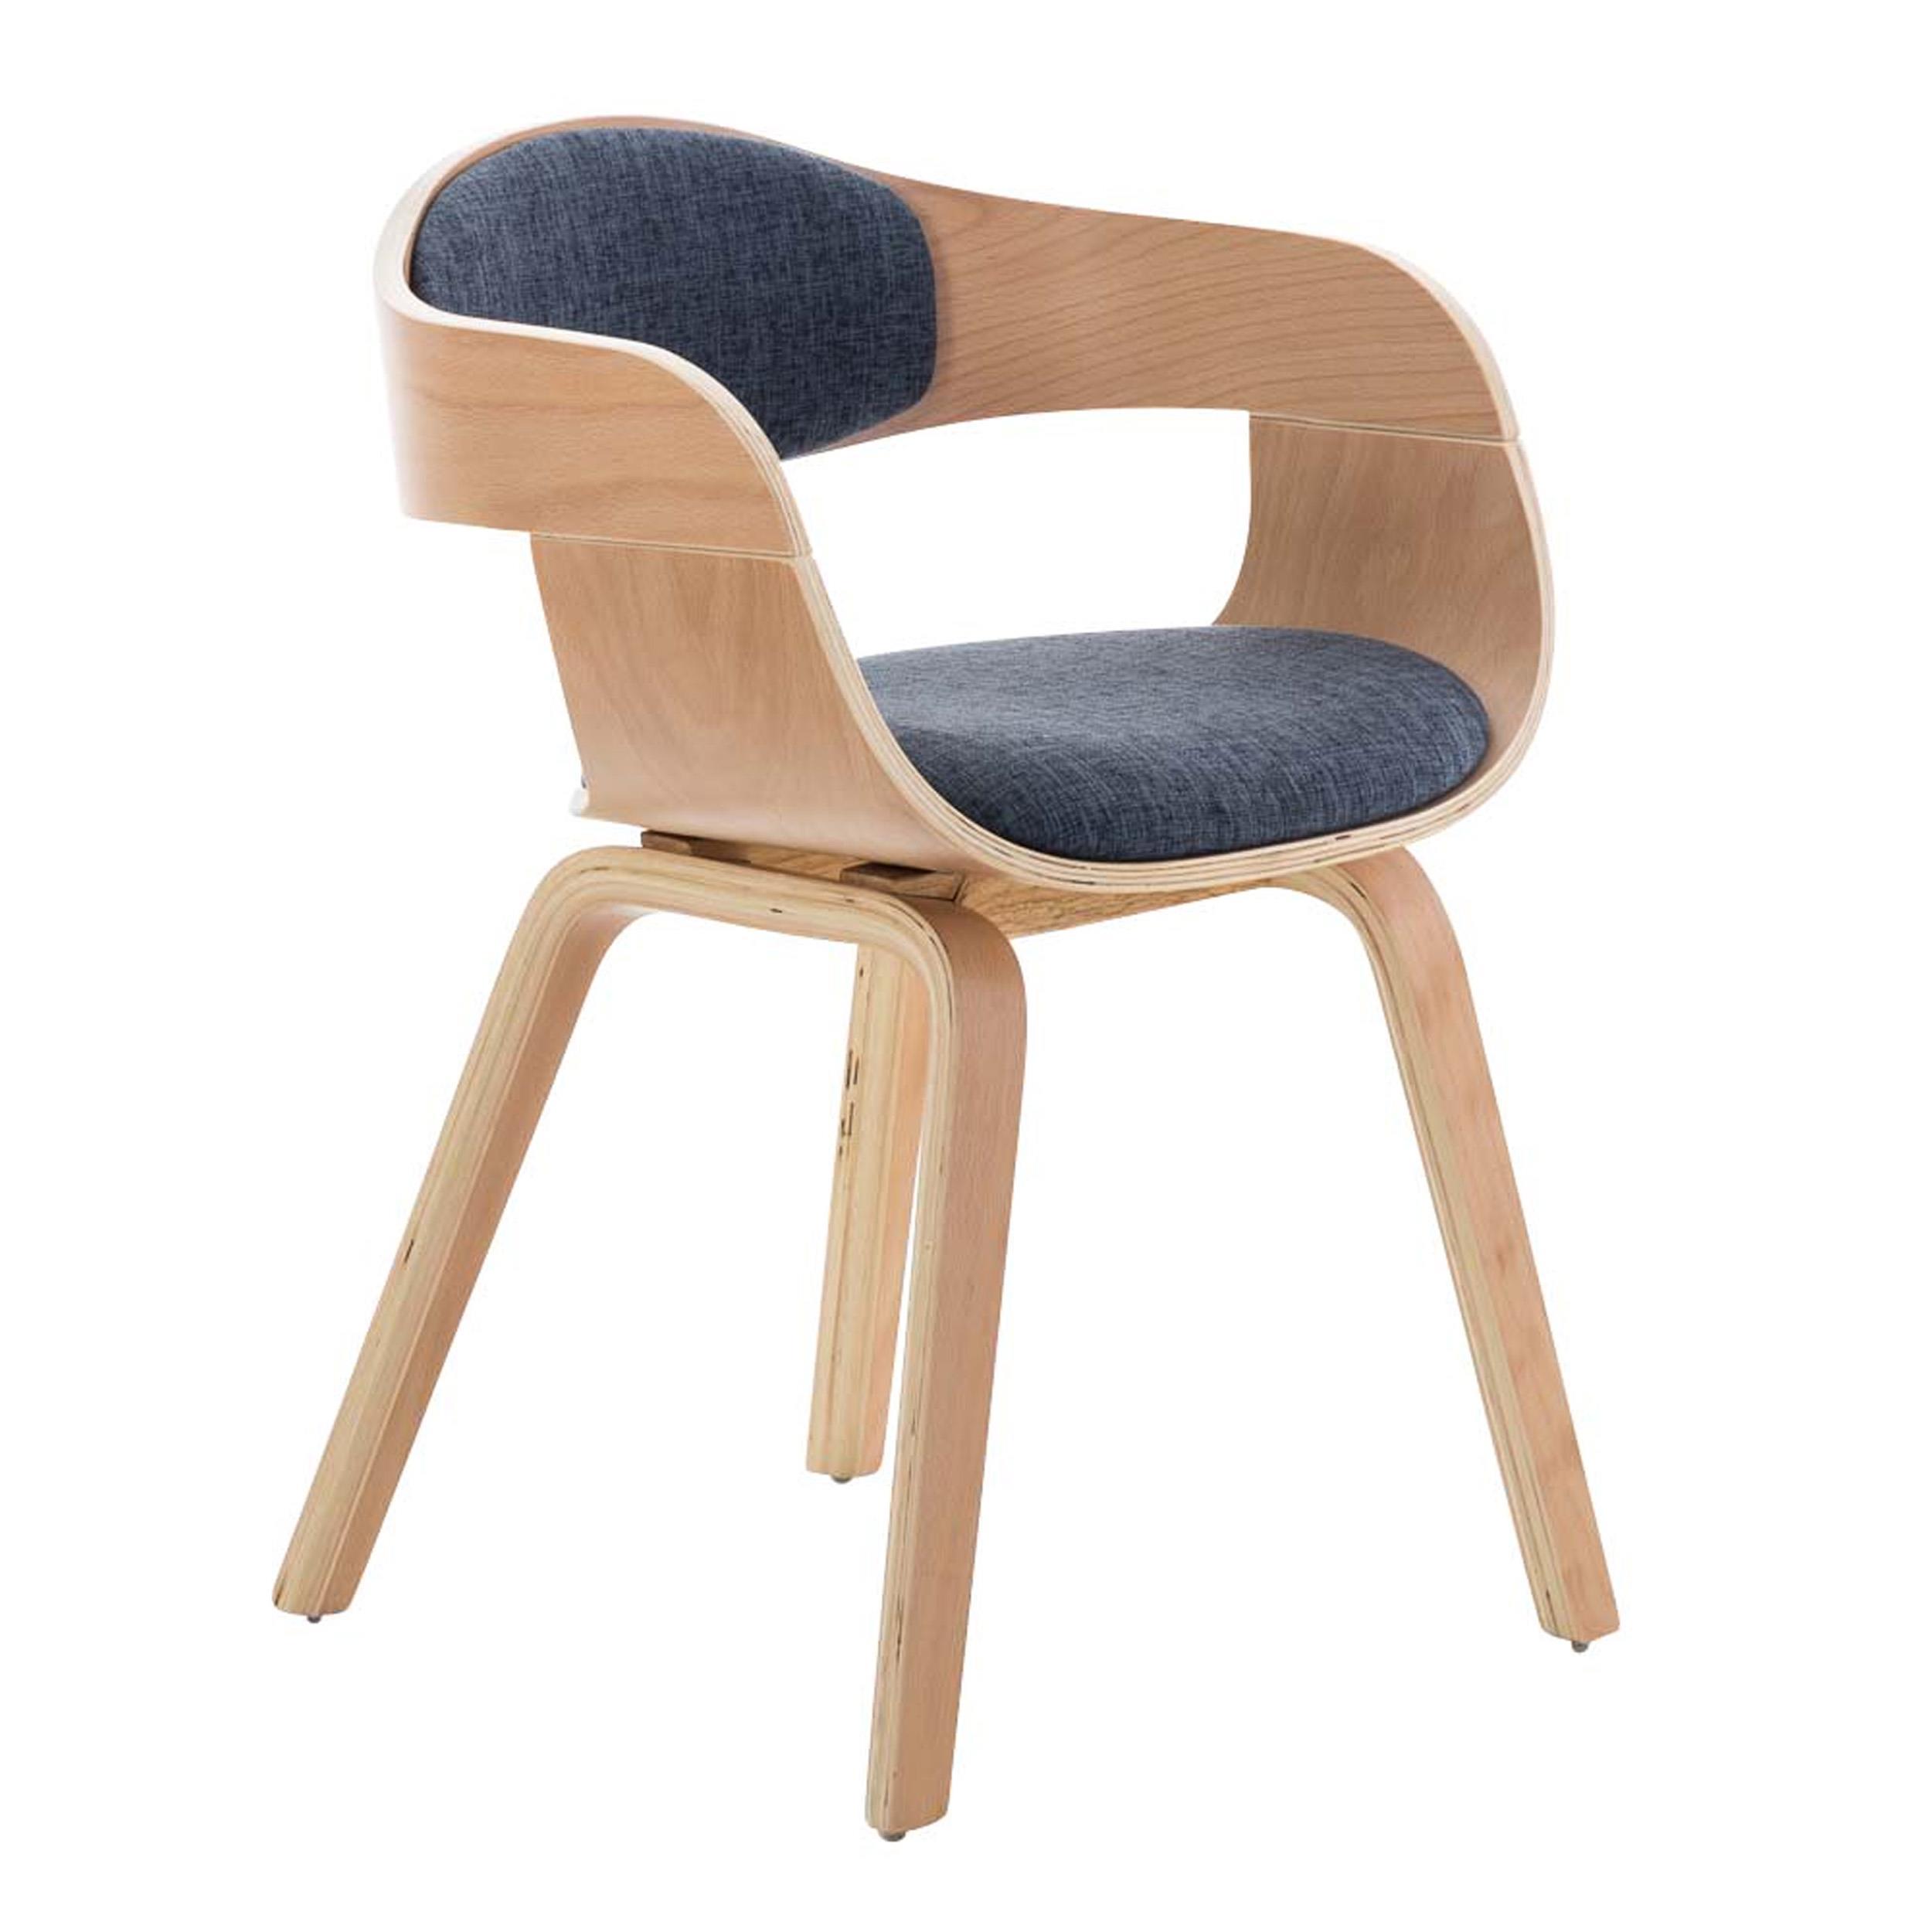 Silla de confidente butan tela color haya y azul silla for Sillas y sillones de diseno